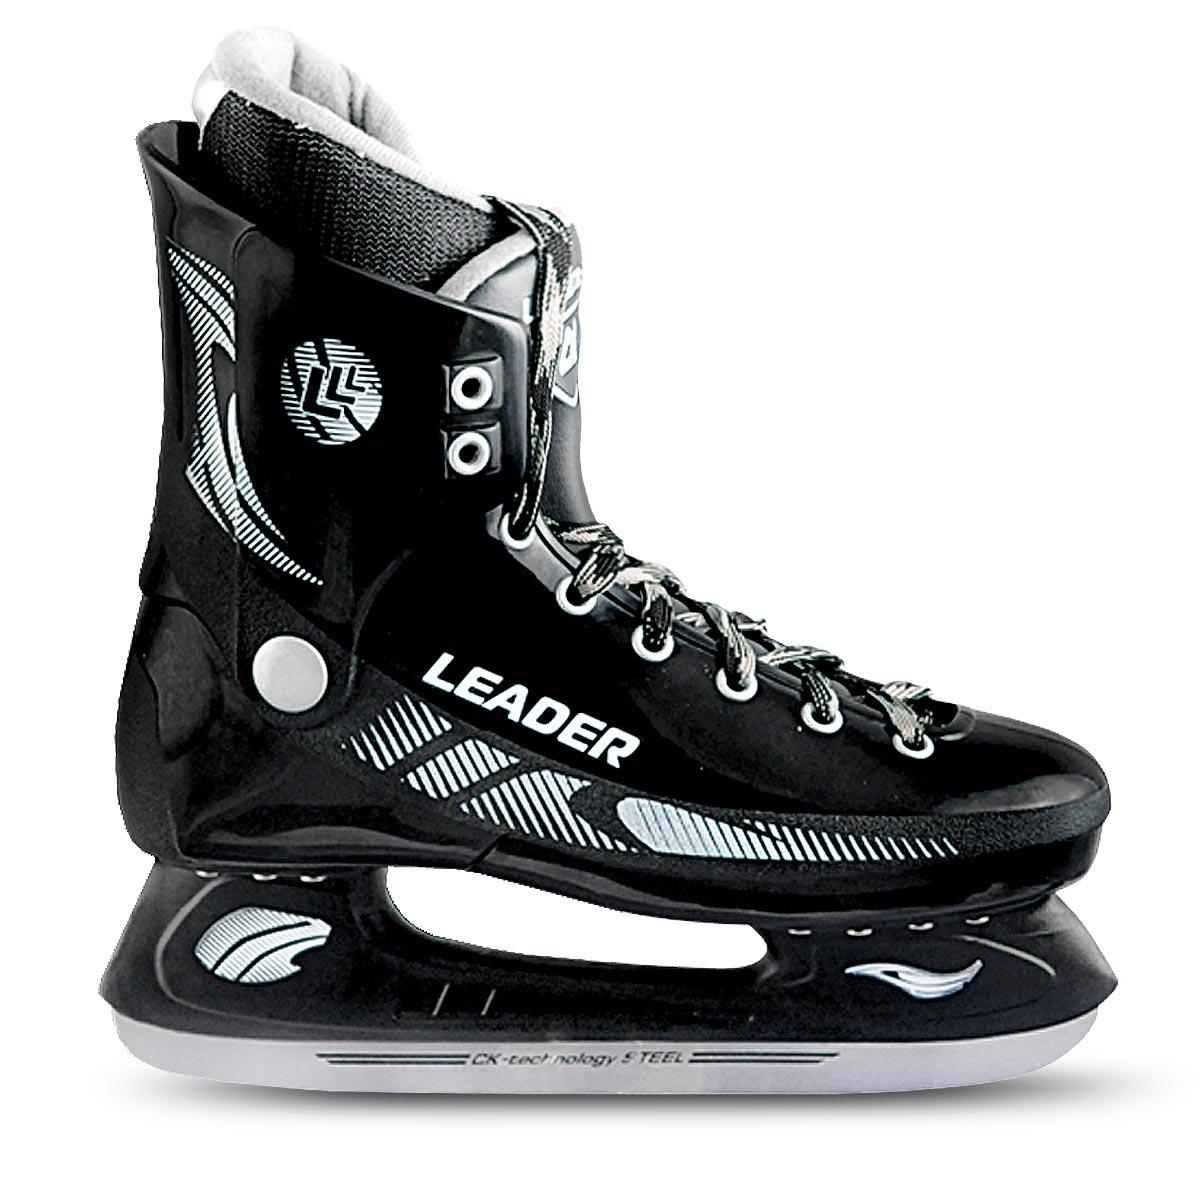 Коньки хоккейные мужские CK Leader, цвет: черный. Размер 42LEADER_черный_42Стильные коньки от CK Master Leader с ударопрочной защитной конструкцией отлично подойдут для начинающих обучаться катанию. Ботинки изготовлены из морозостойкого полимера, который защитит ноги от ударов. Верх изделия оформлен классической шнуровкой, надежно фиксирующей голеностоп. Сапожок, выполненный из комбинации капровелюра и искусственной кожи, оформлен принтом и тиснением в виде логотипа бренда. Внутренняя поверхность, дополненная утеплителем, и стелька исполнены из текстиля. Фигурное лезвие изготовлено из легированной стали со специальным покрытием, придающим дополнительную прочность.Усиленная двухстаканная рама декорирована с одной из боковых сторон оригинальным принтом. Стильные коньки придутся вам по душе.